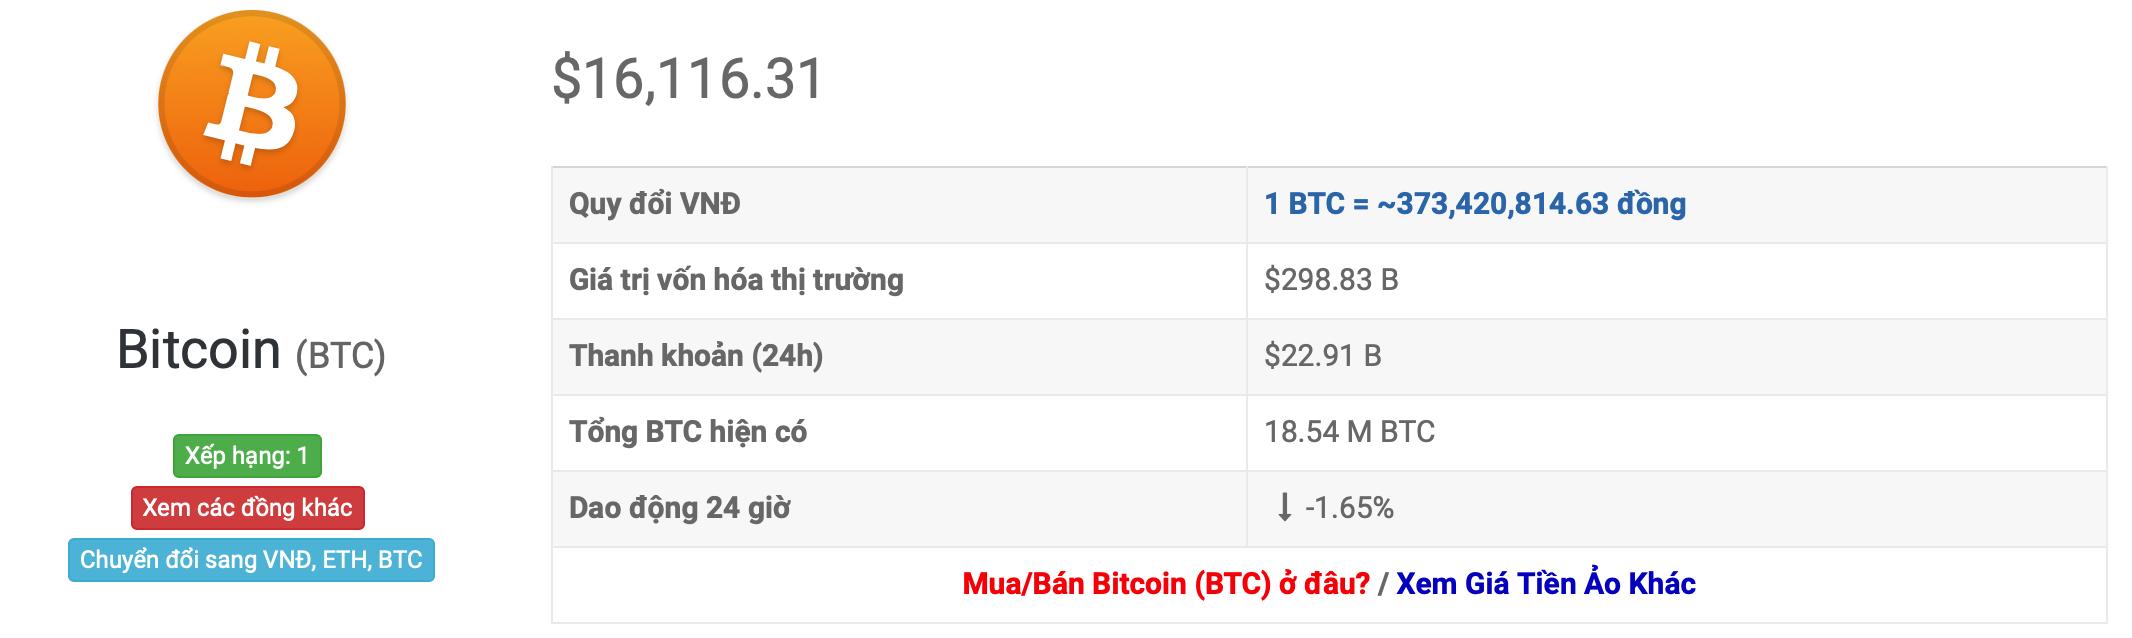 bitcoinová sazba